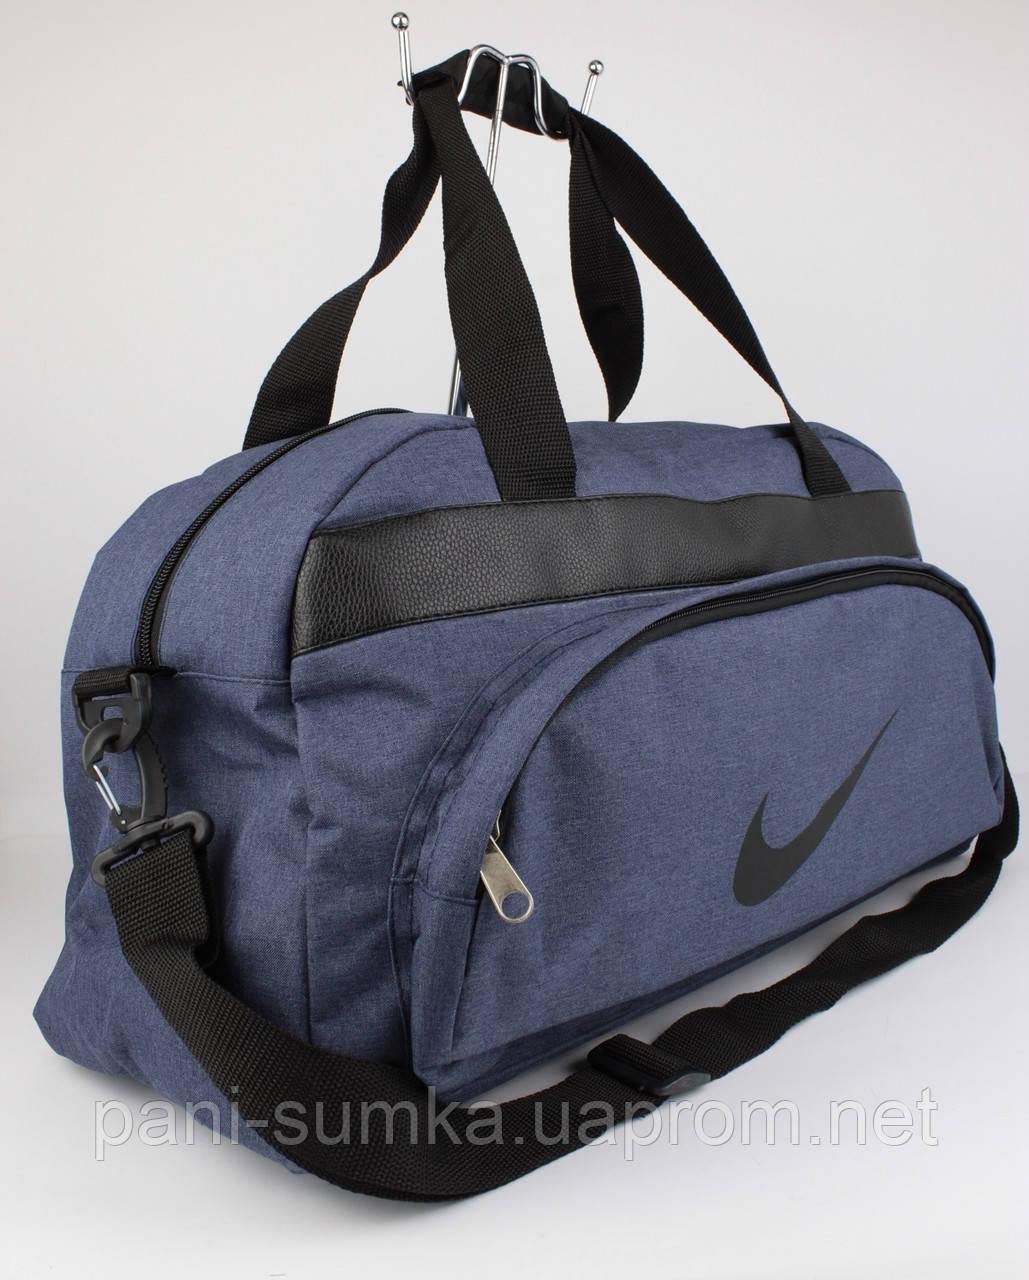 5a0da3ad1ef8 Качественная спортивная, дорожная сумка Nike 1325-2 синяя уплотненная - Интернет  магазин